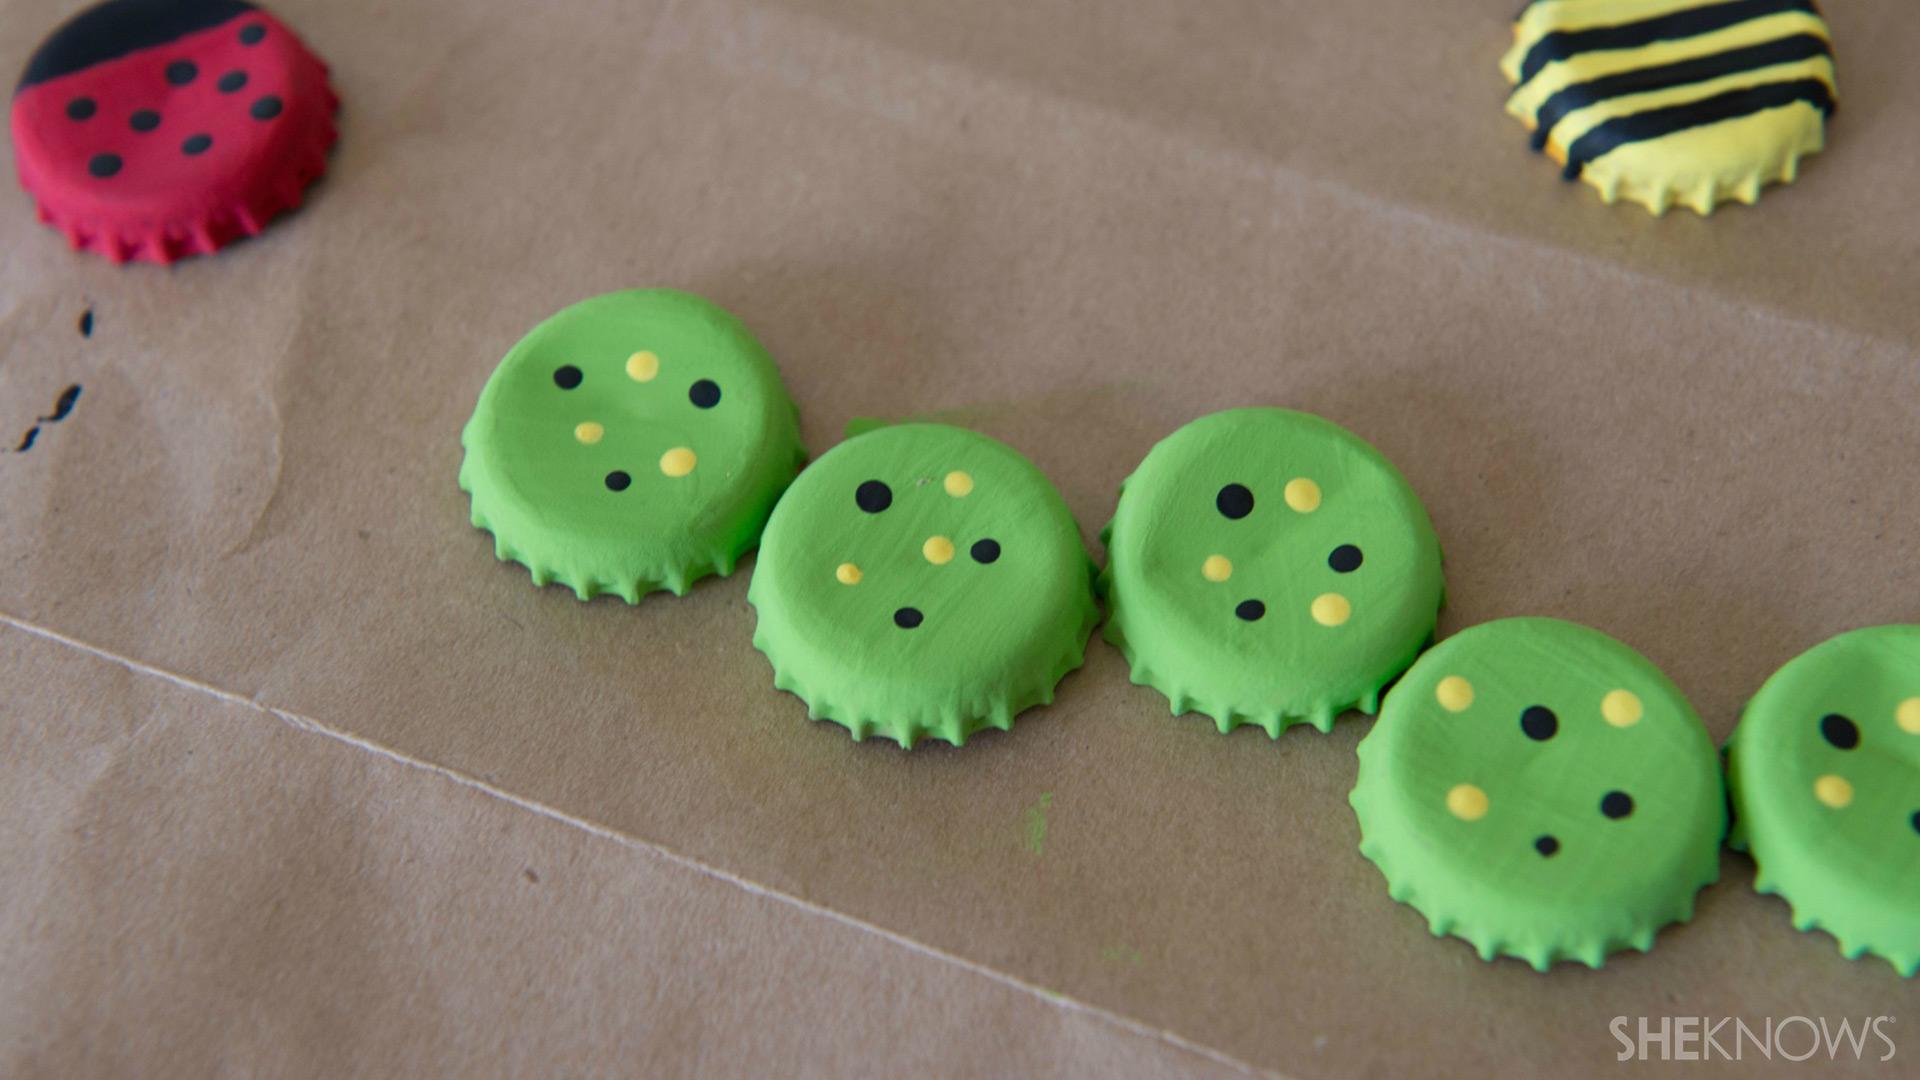 Bottle cap magnets | Sheknows.com - add spots